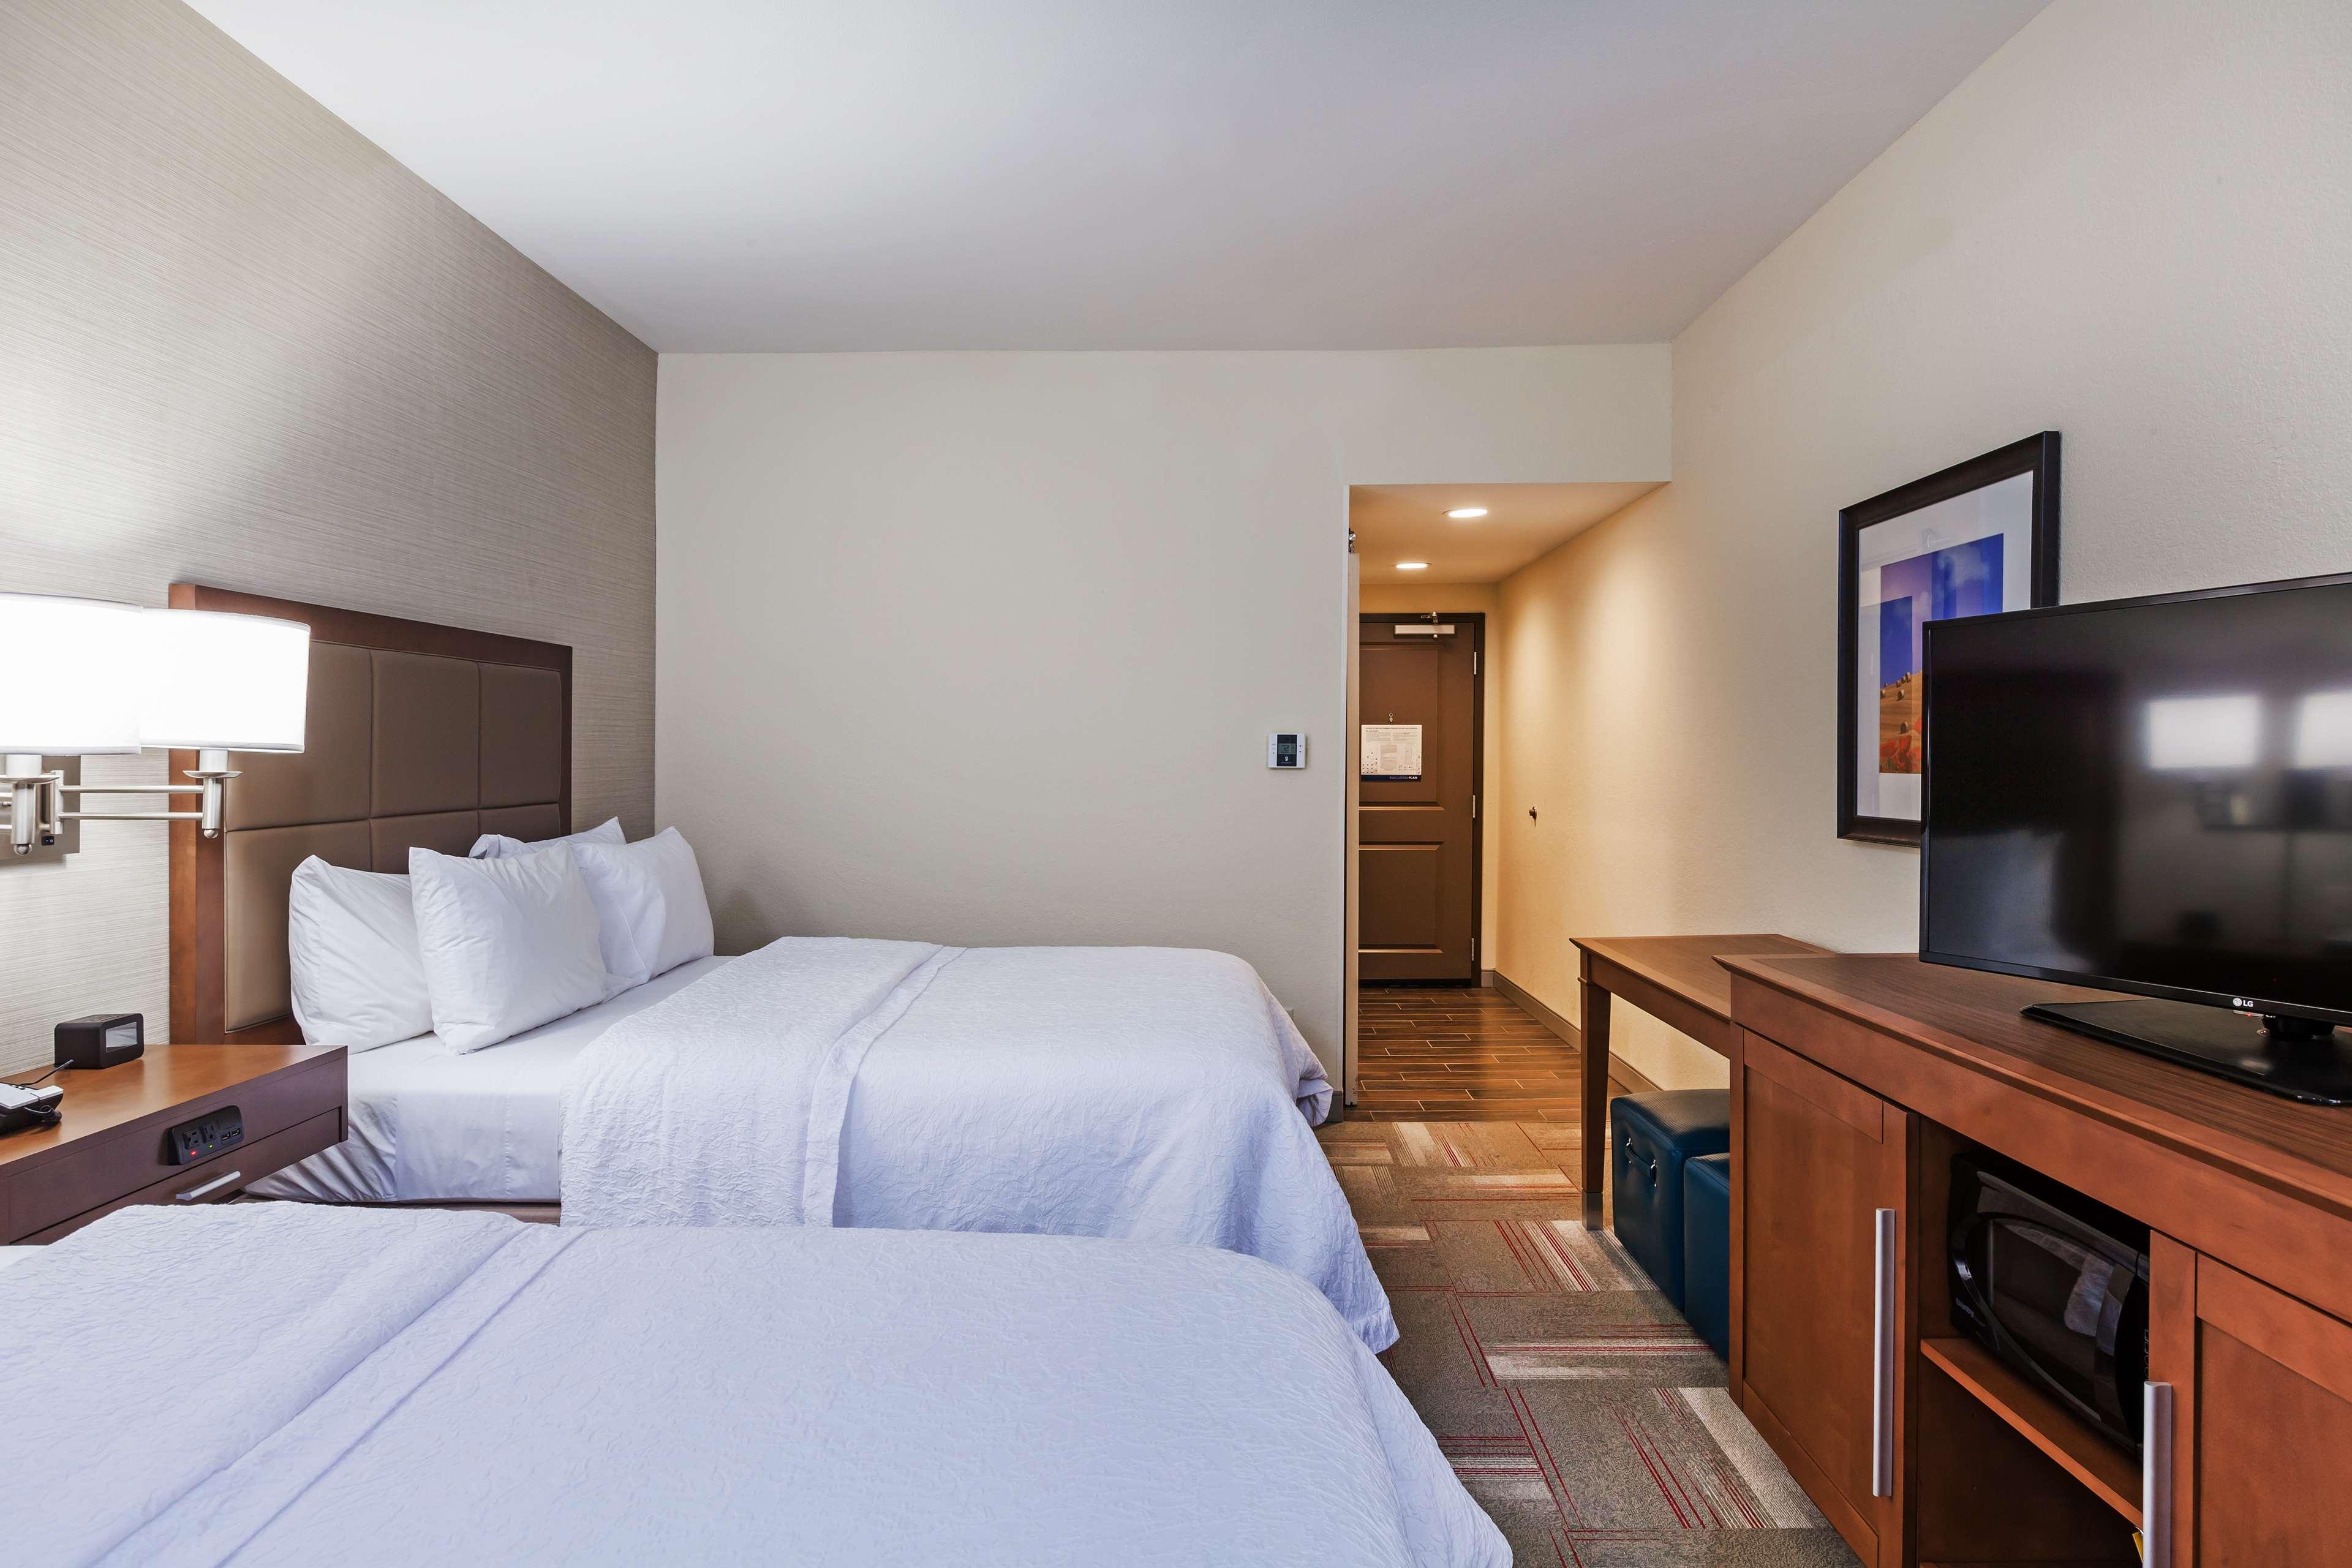 Hampton Inn & Suites Claremore image 14